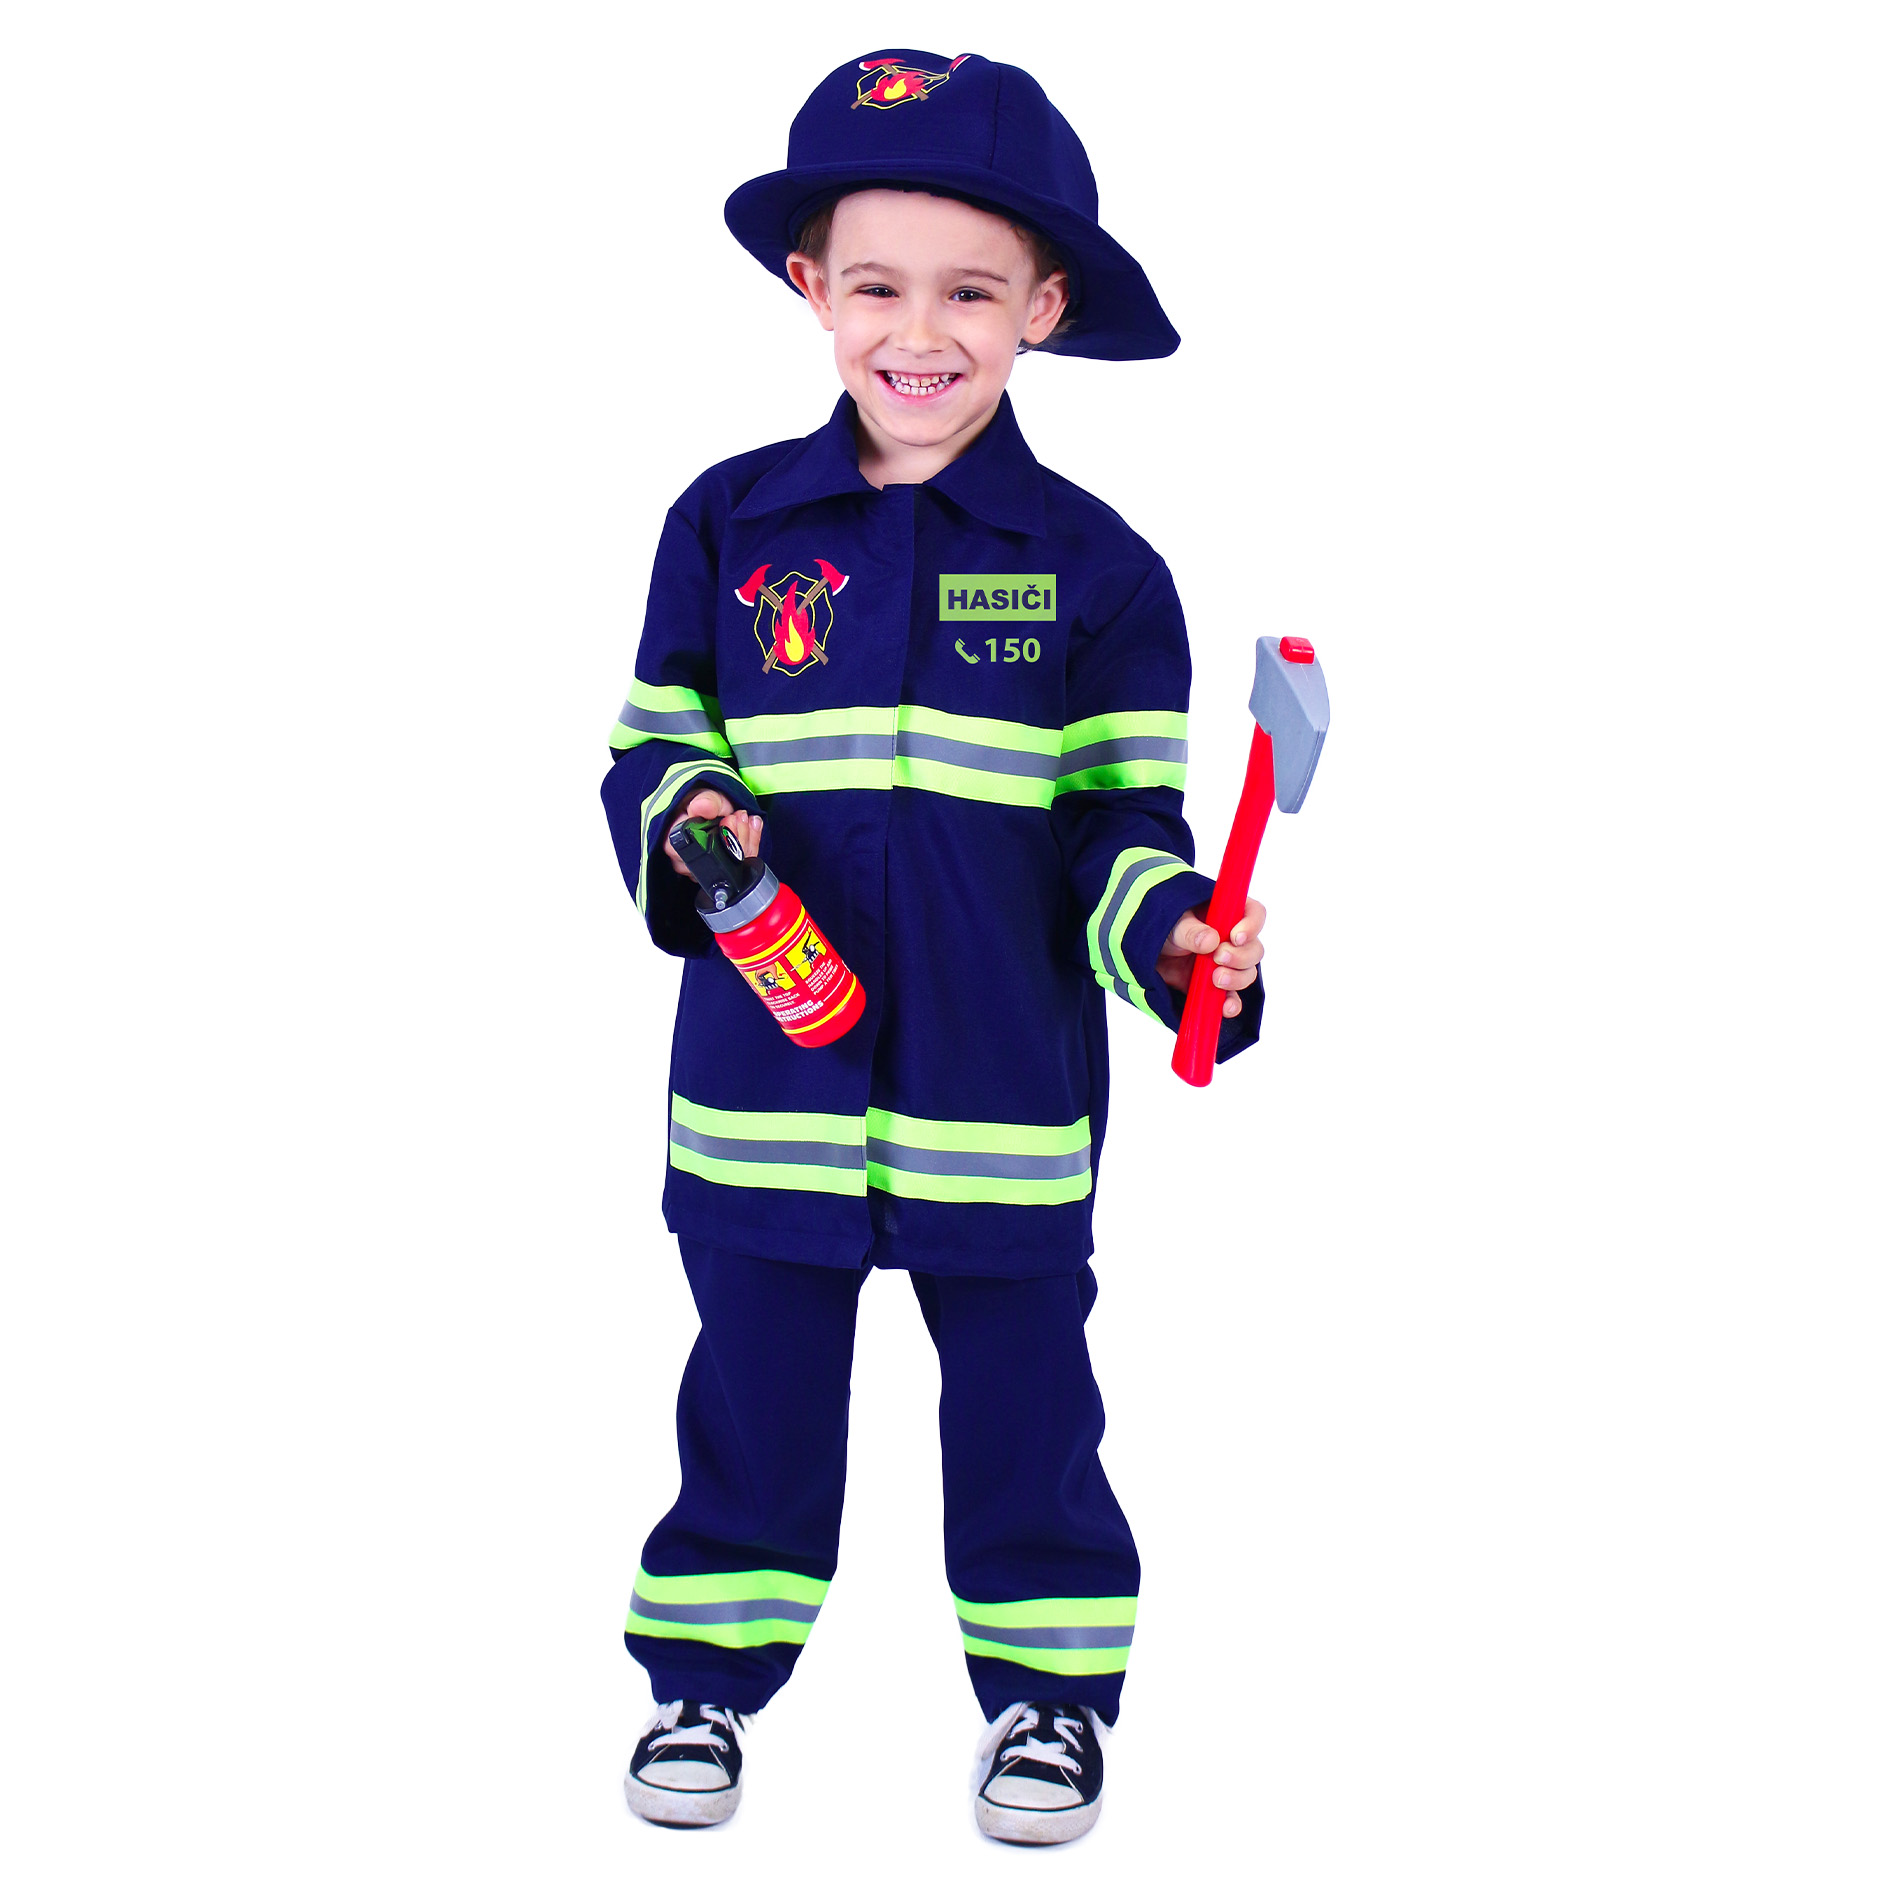 Dětský kostým hasič s českýn potiskem (M)